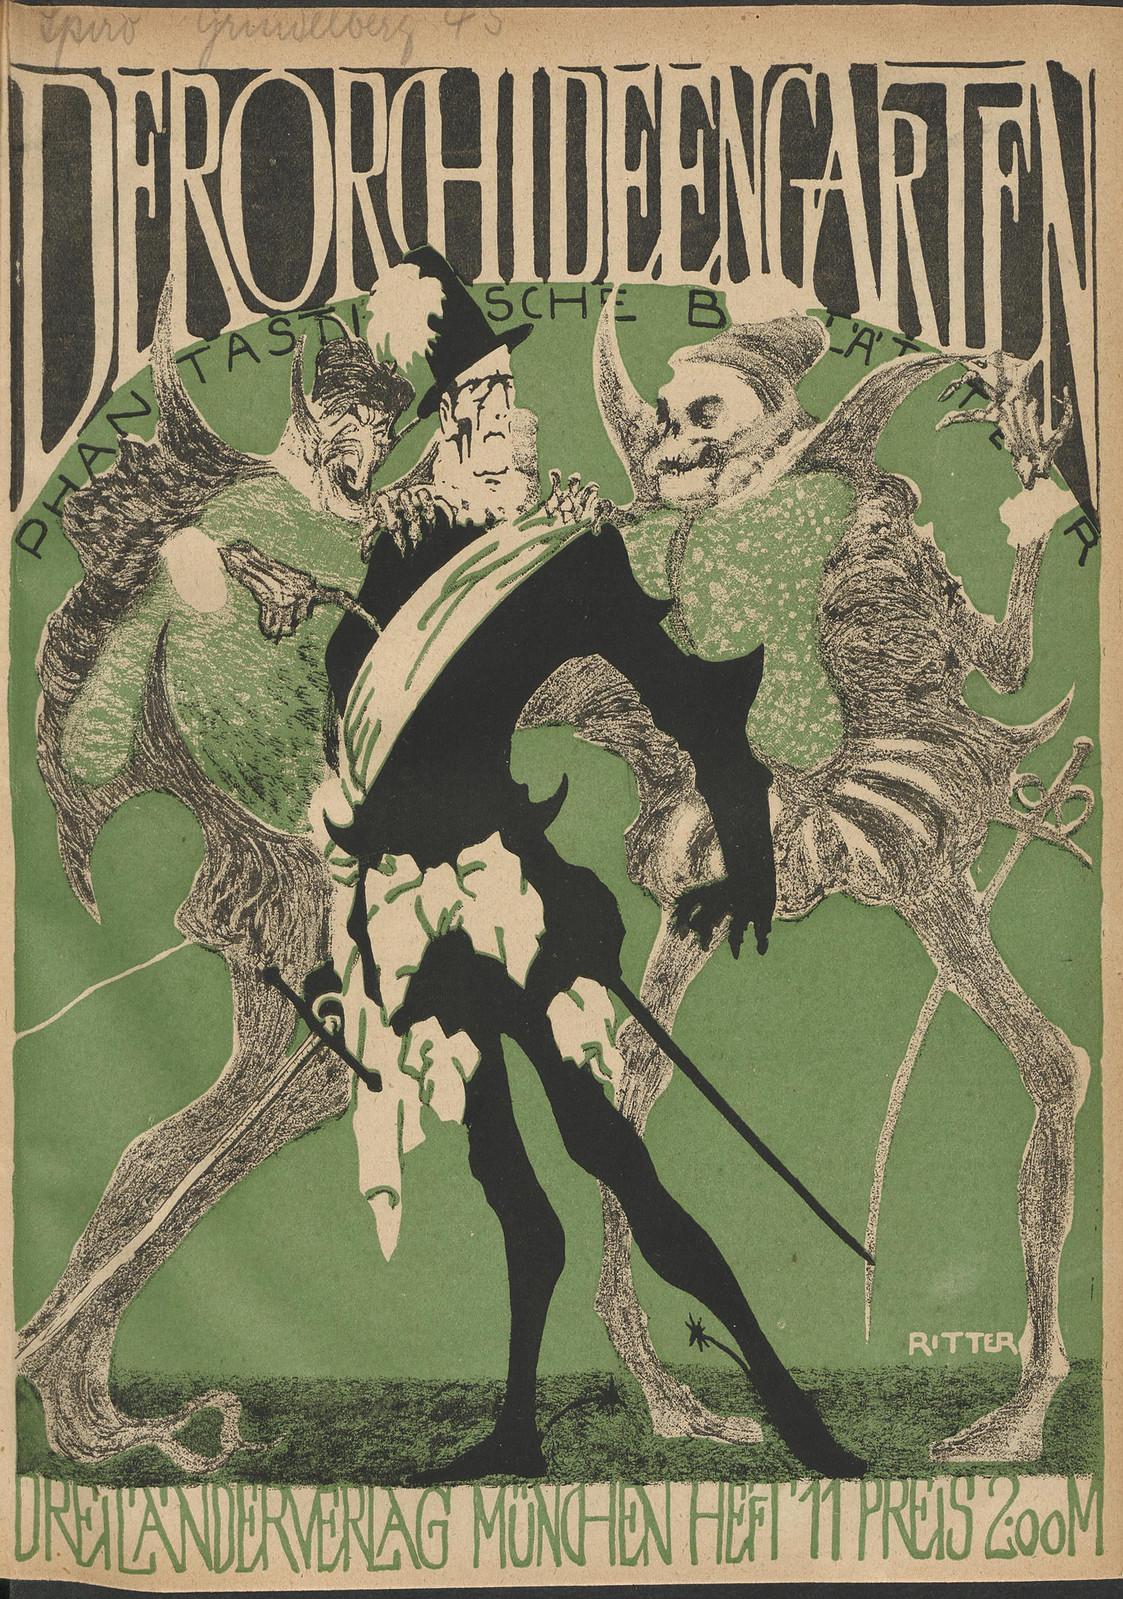 Der Orchideengarten - 1920 (Cover 11)